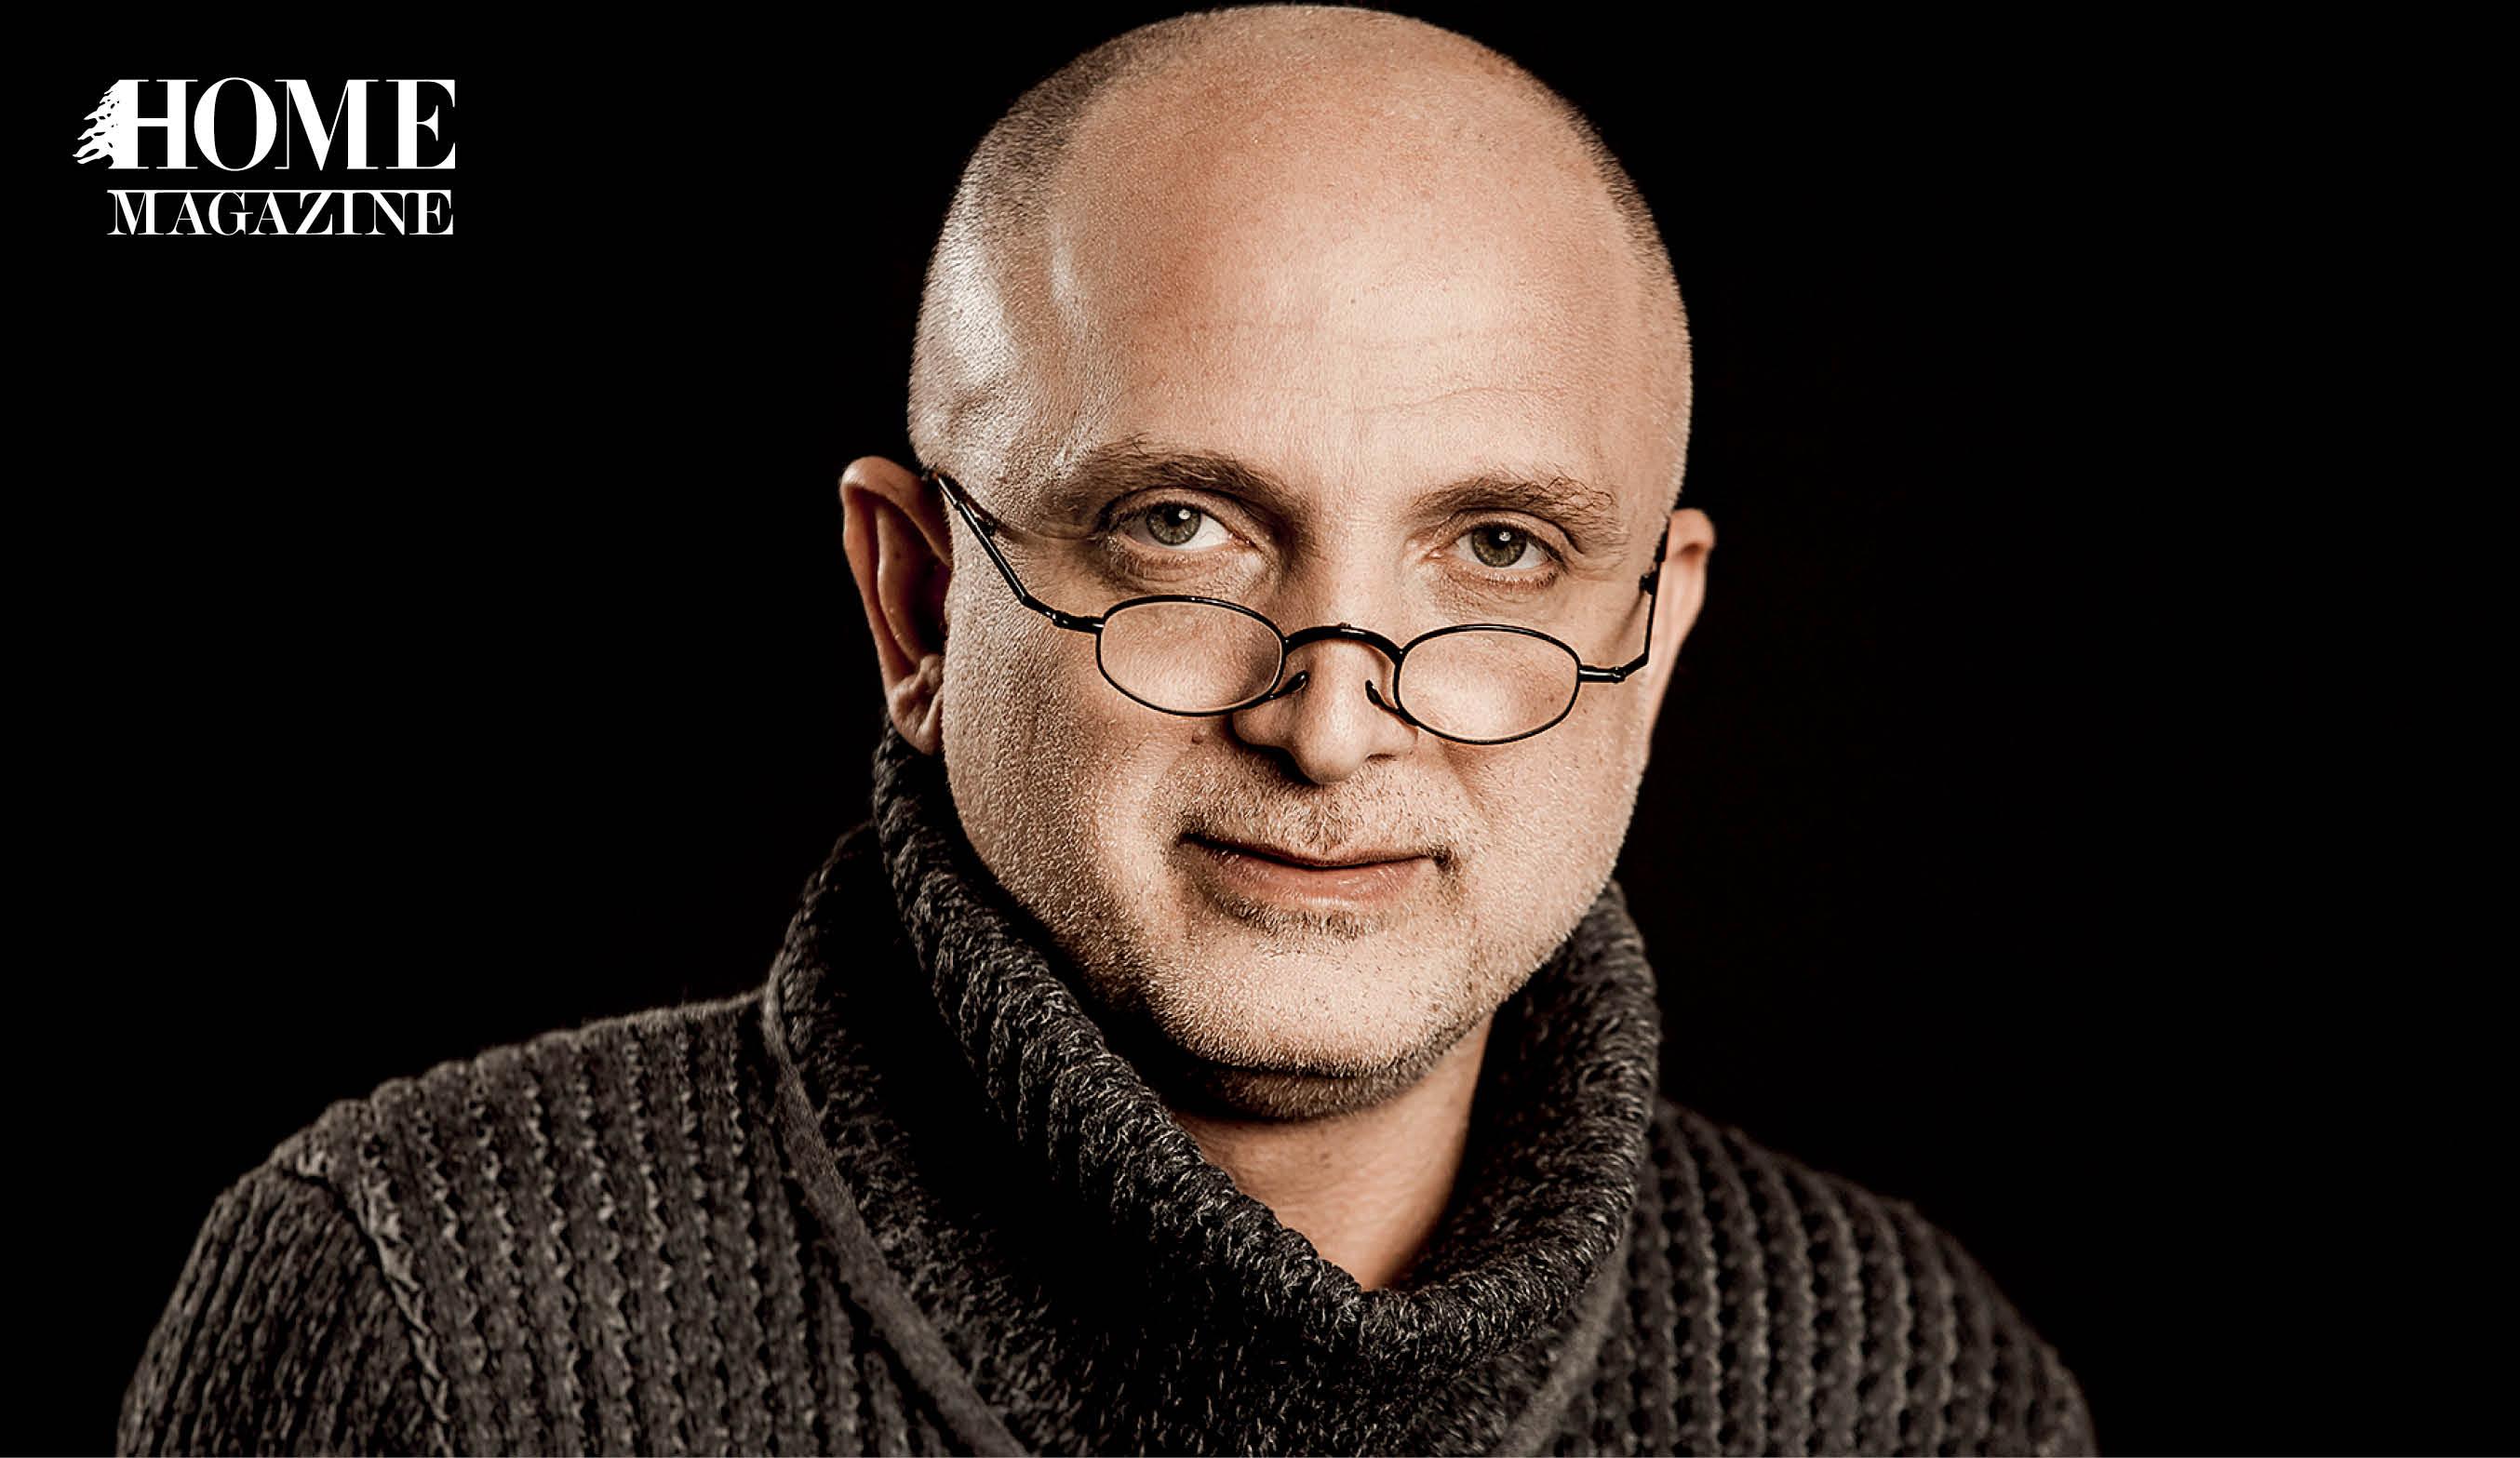 Bald man wearing eyeglasses